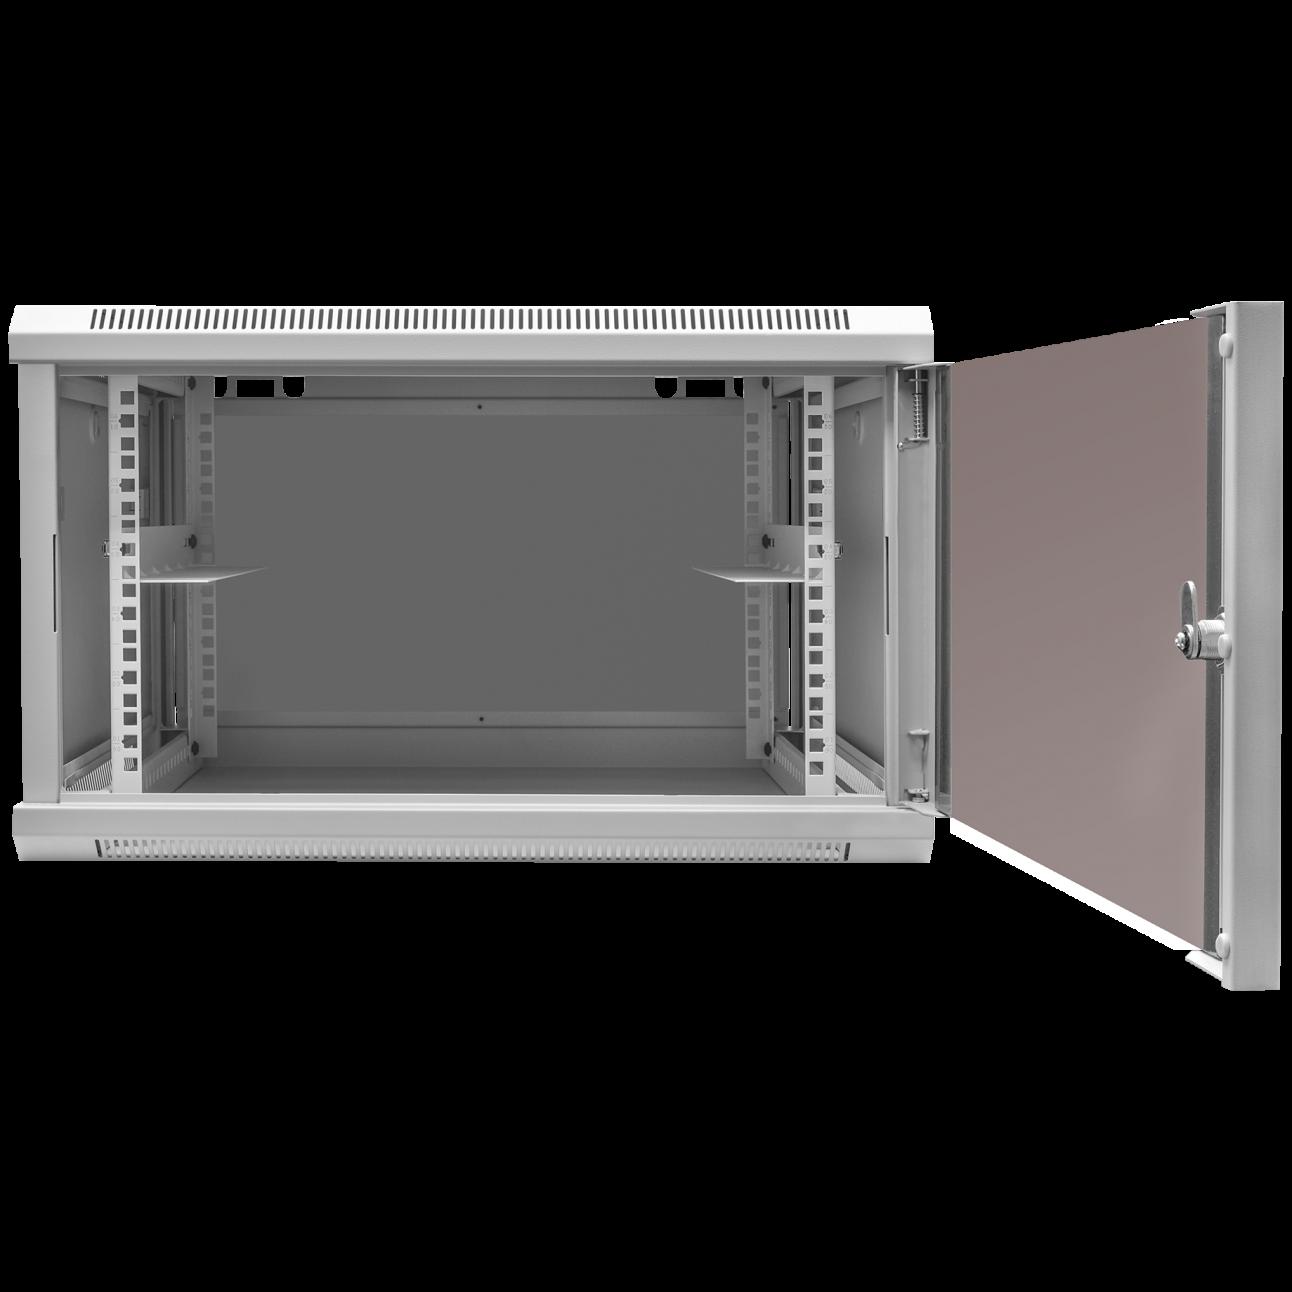 Шкаф телекоммуникационный настенный, 9U, 600х600х500мм